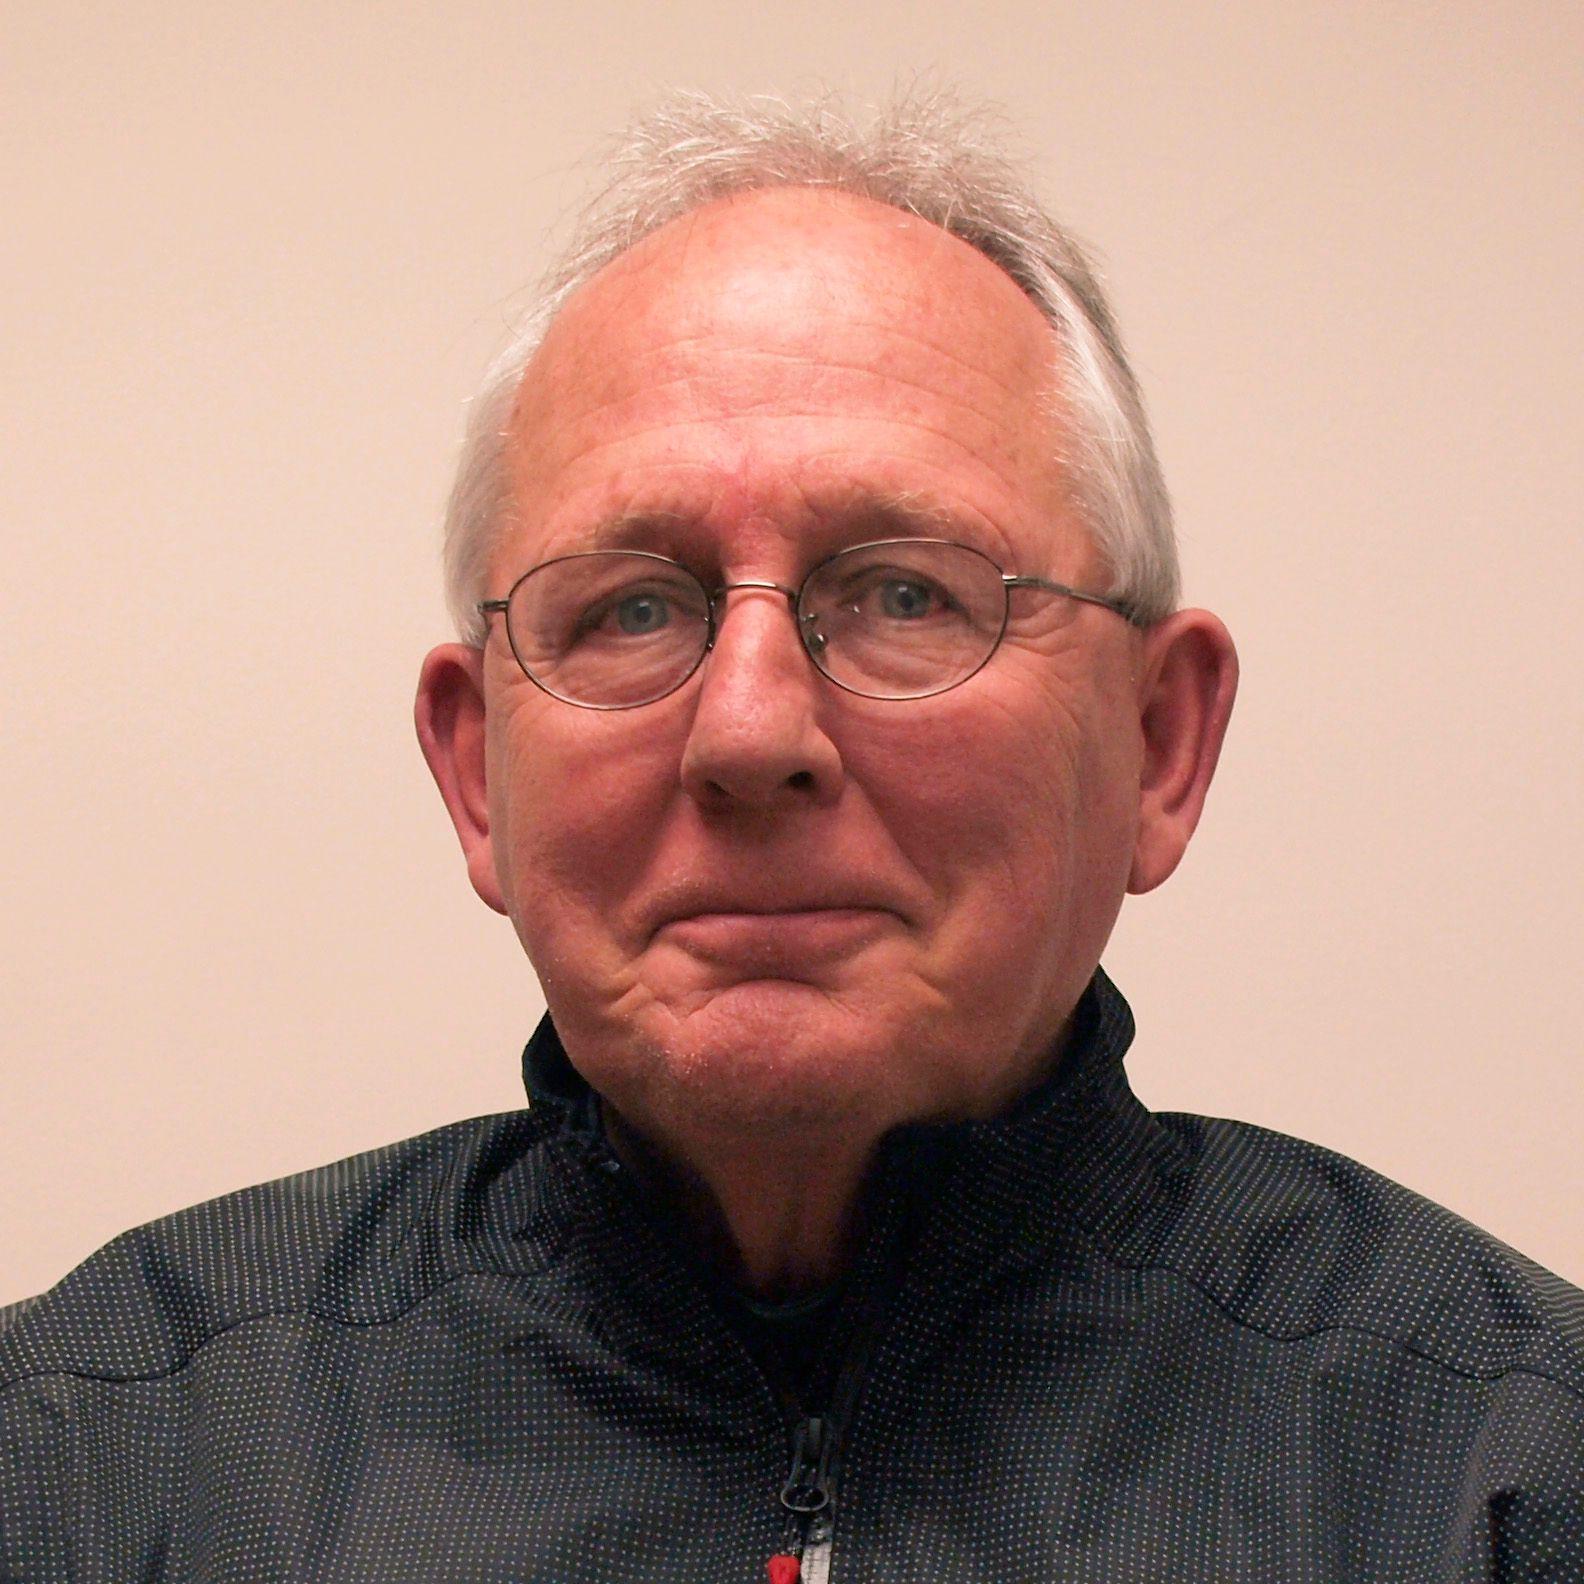 John Kotowski